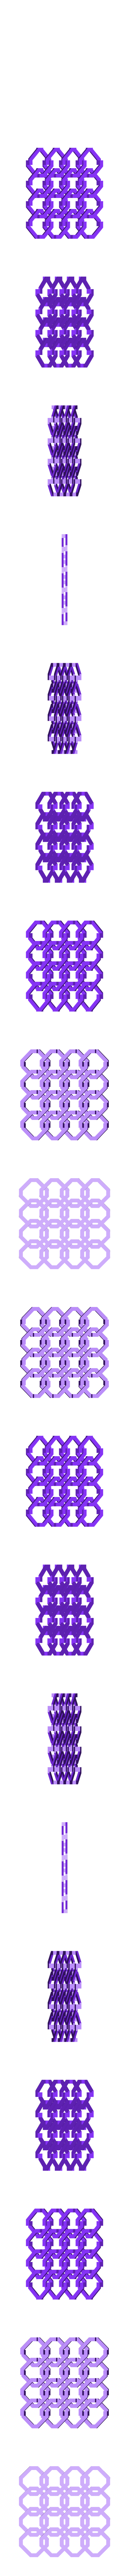 Chainmail_4x4.stl Télécharger fichier STL gratuit Boîte de mailles • Plan à imprimer en 3D, Holyjenkins68890